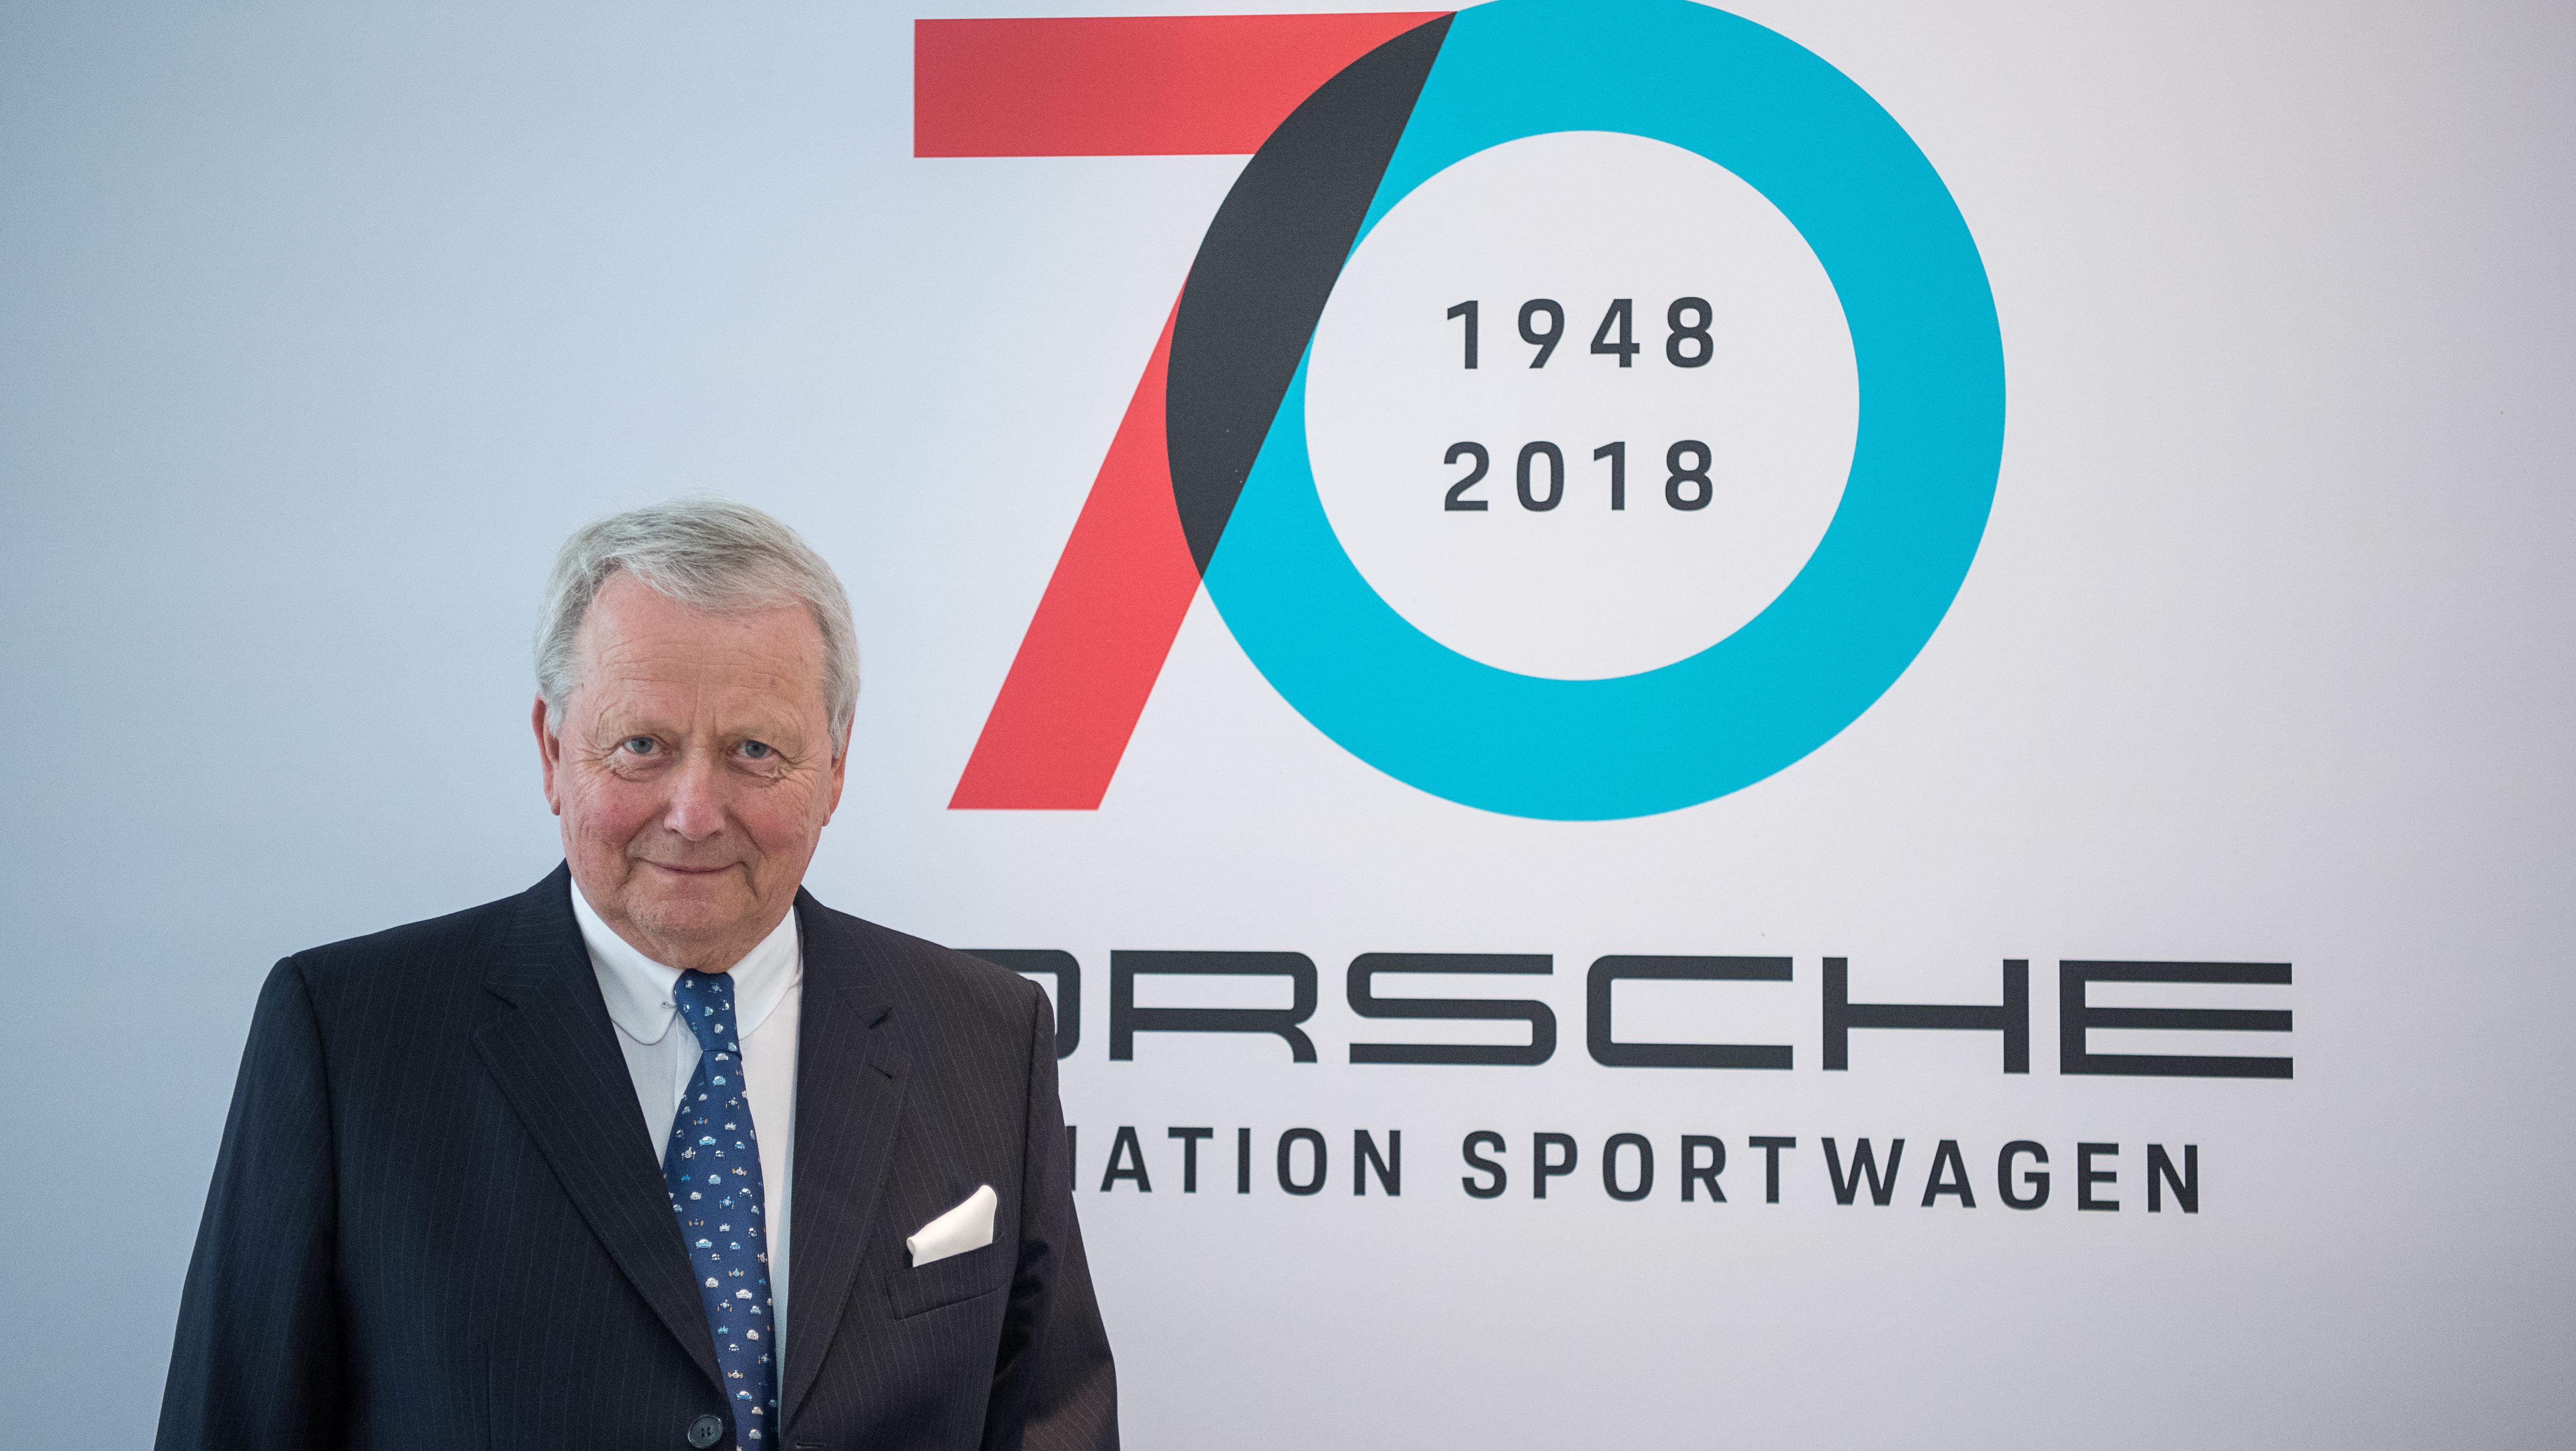 """Wolfgang Porsche, Aufsichtsratsvorsitzender der Porsche AG, steht während dem Festakt """"70 Jahre Porsche Sportwagen"""" im Porsche Museum vor einem Plakat."""